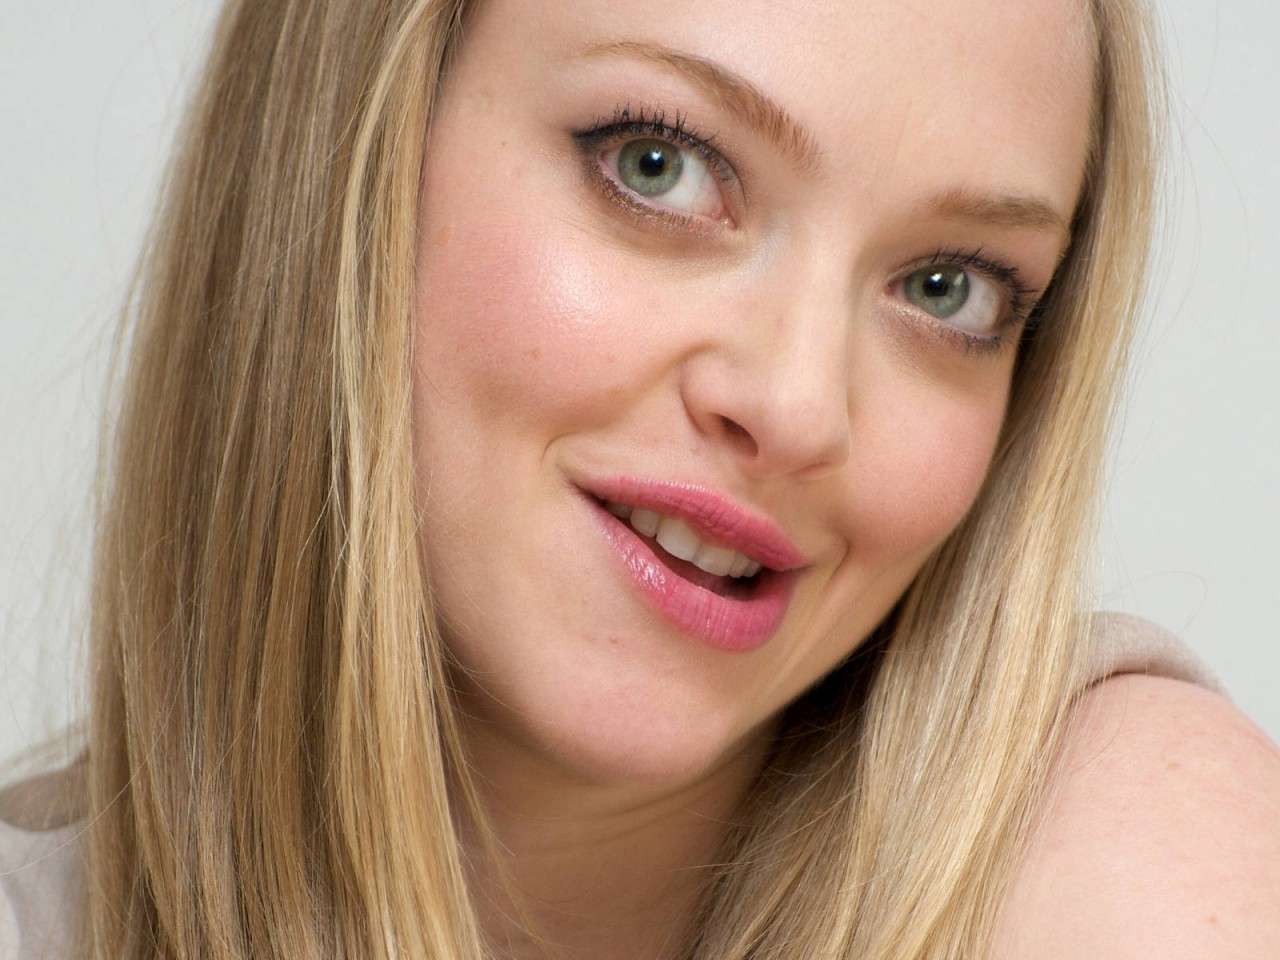 Amanda Seyfried Celebrity HD Wallpaper